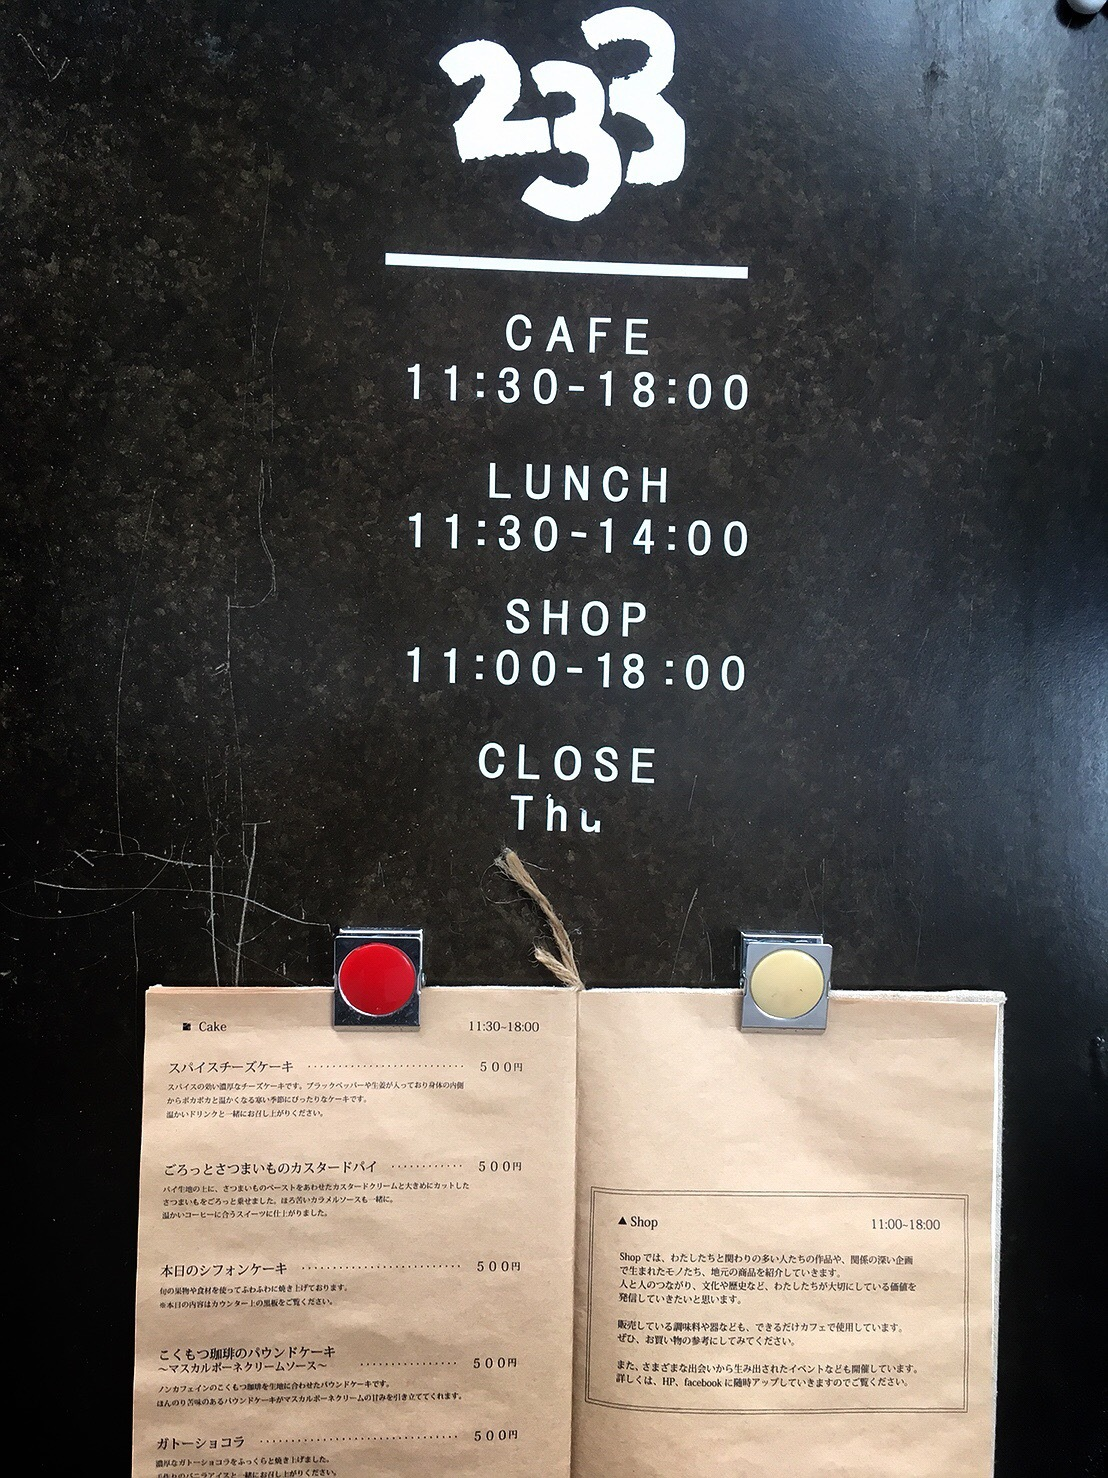 233カフェの看板